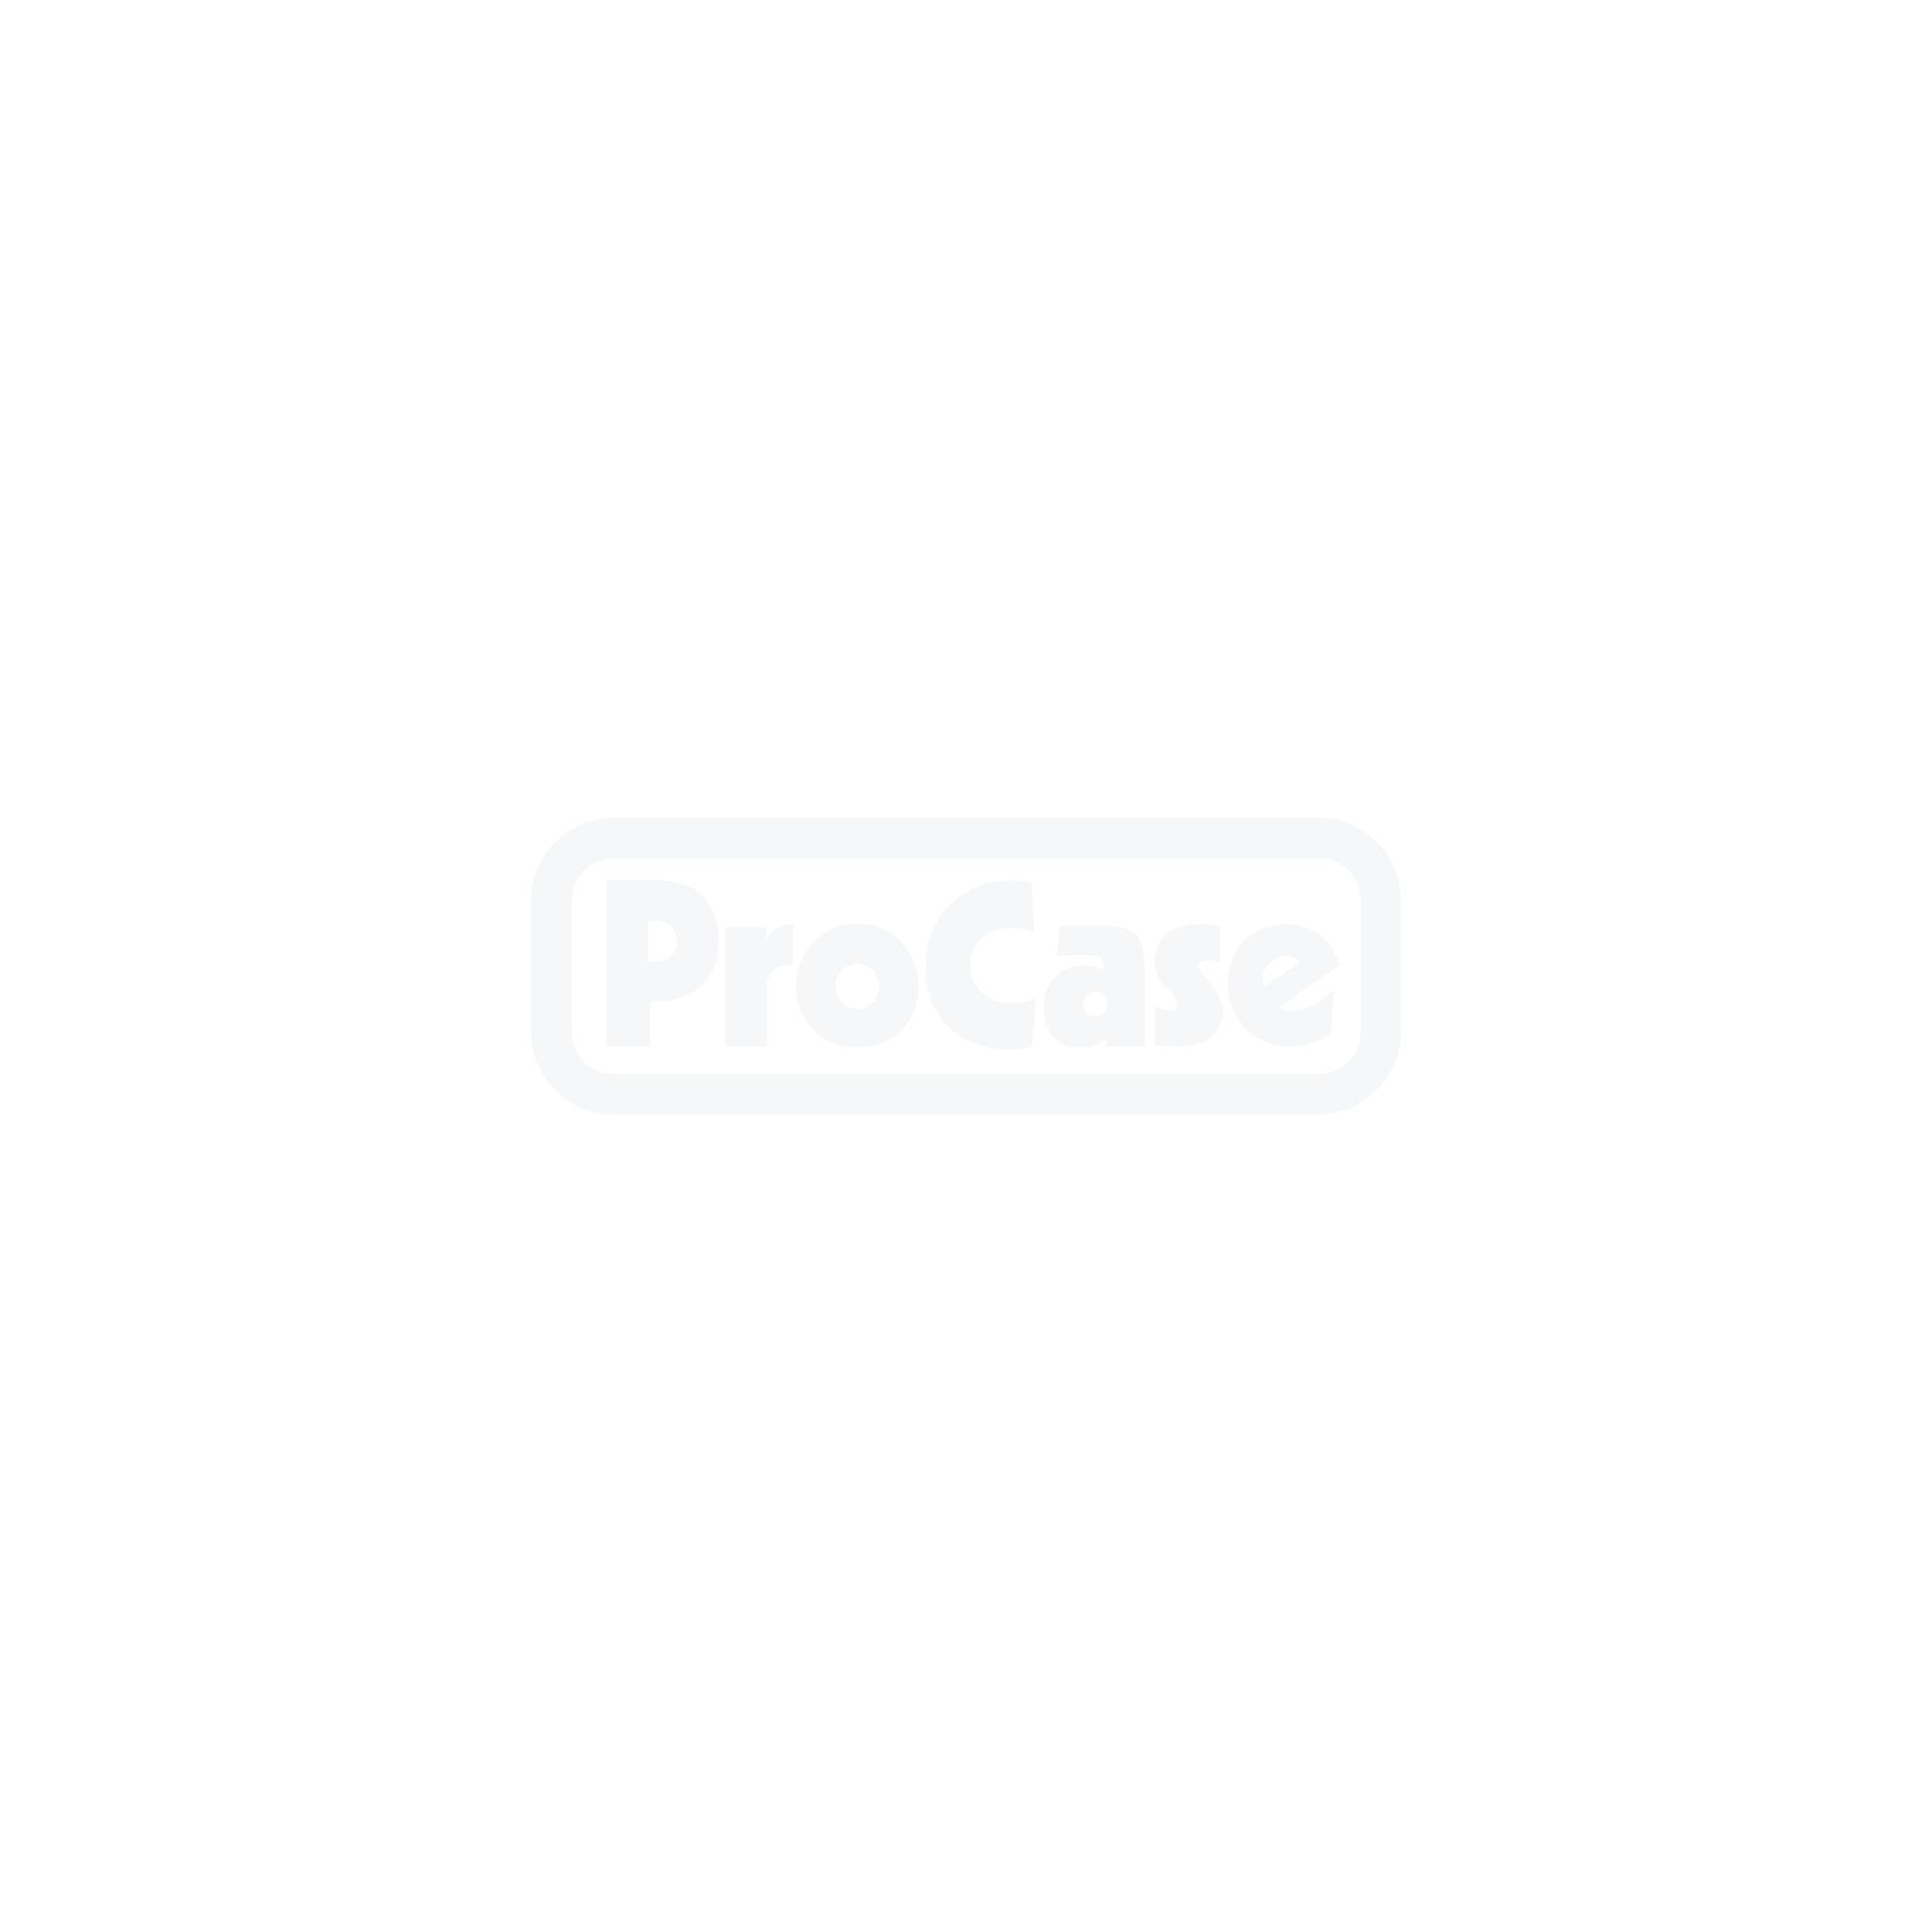 Flightcase für Sony SRW-5800 Maz 2